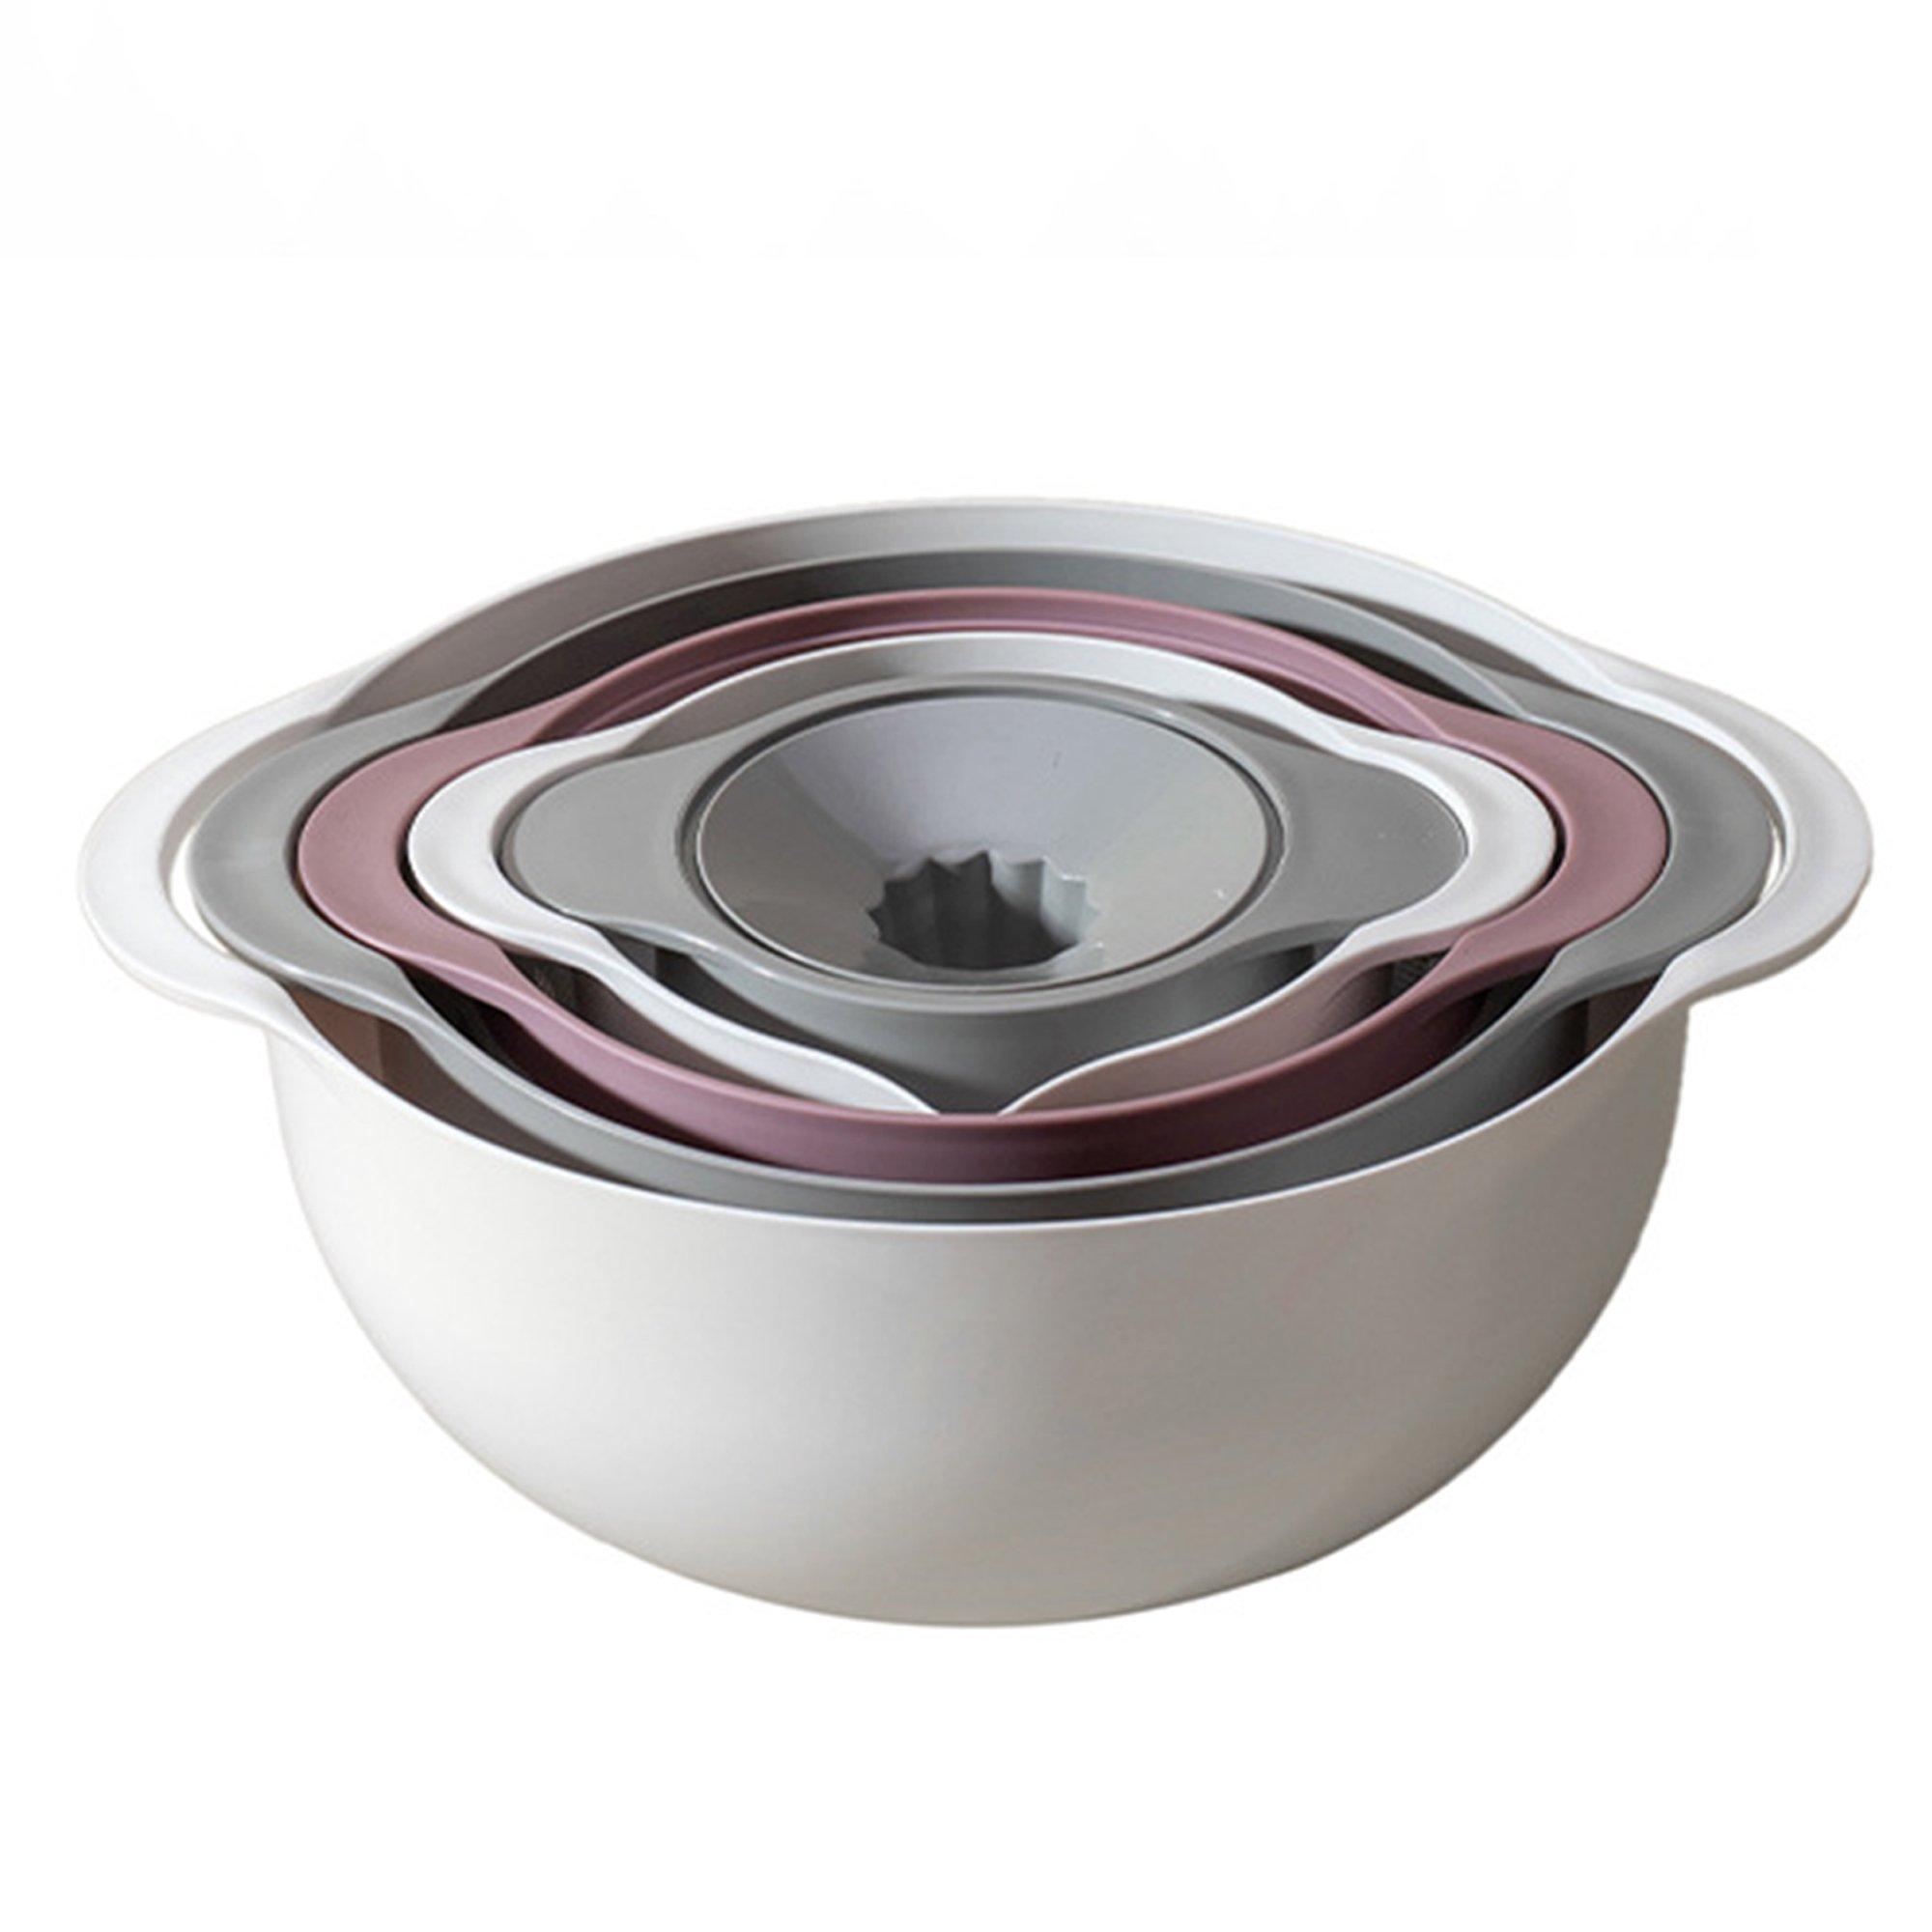 5Pcs Nesting Bowl Colander Juicer Set